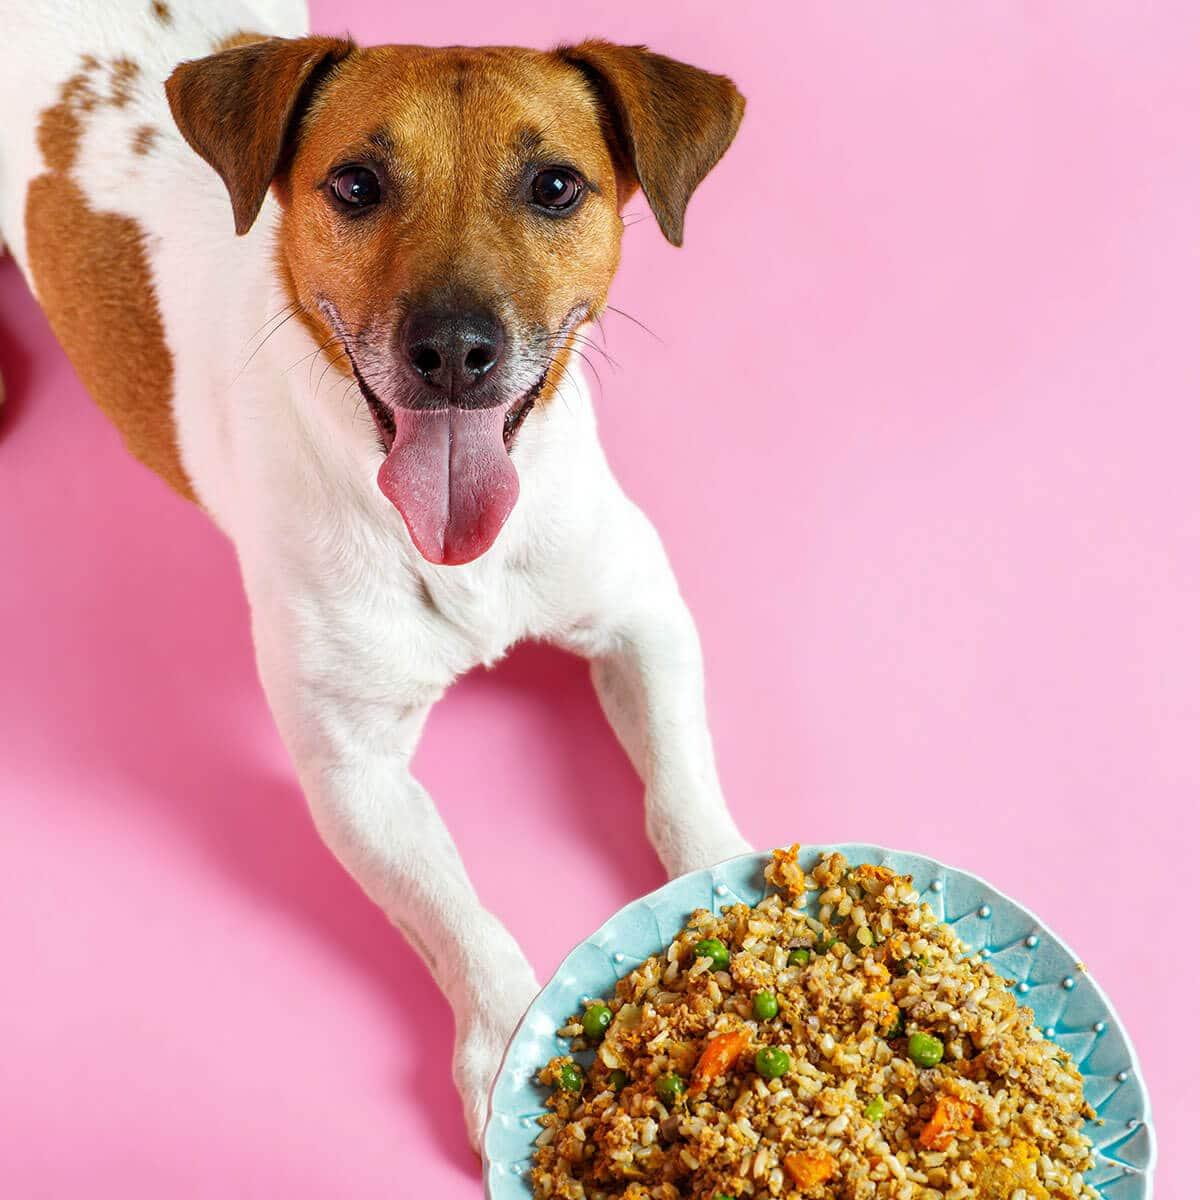 A májbeteg kutya táplálásához jó kutya diéta receptek kellenek.